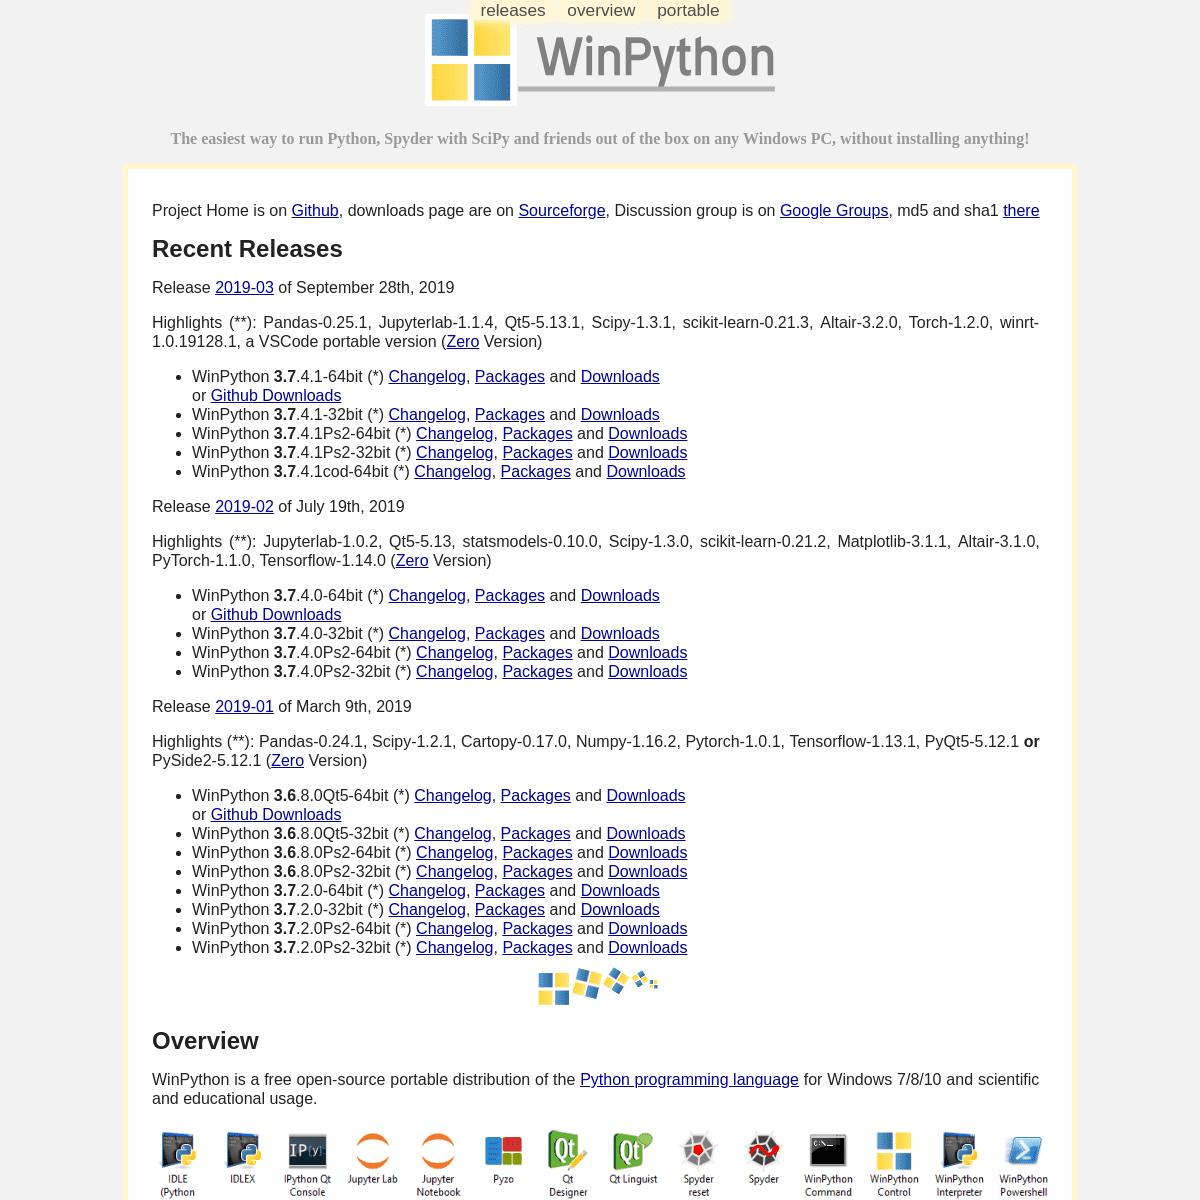 WinPython